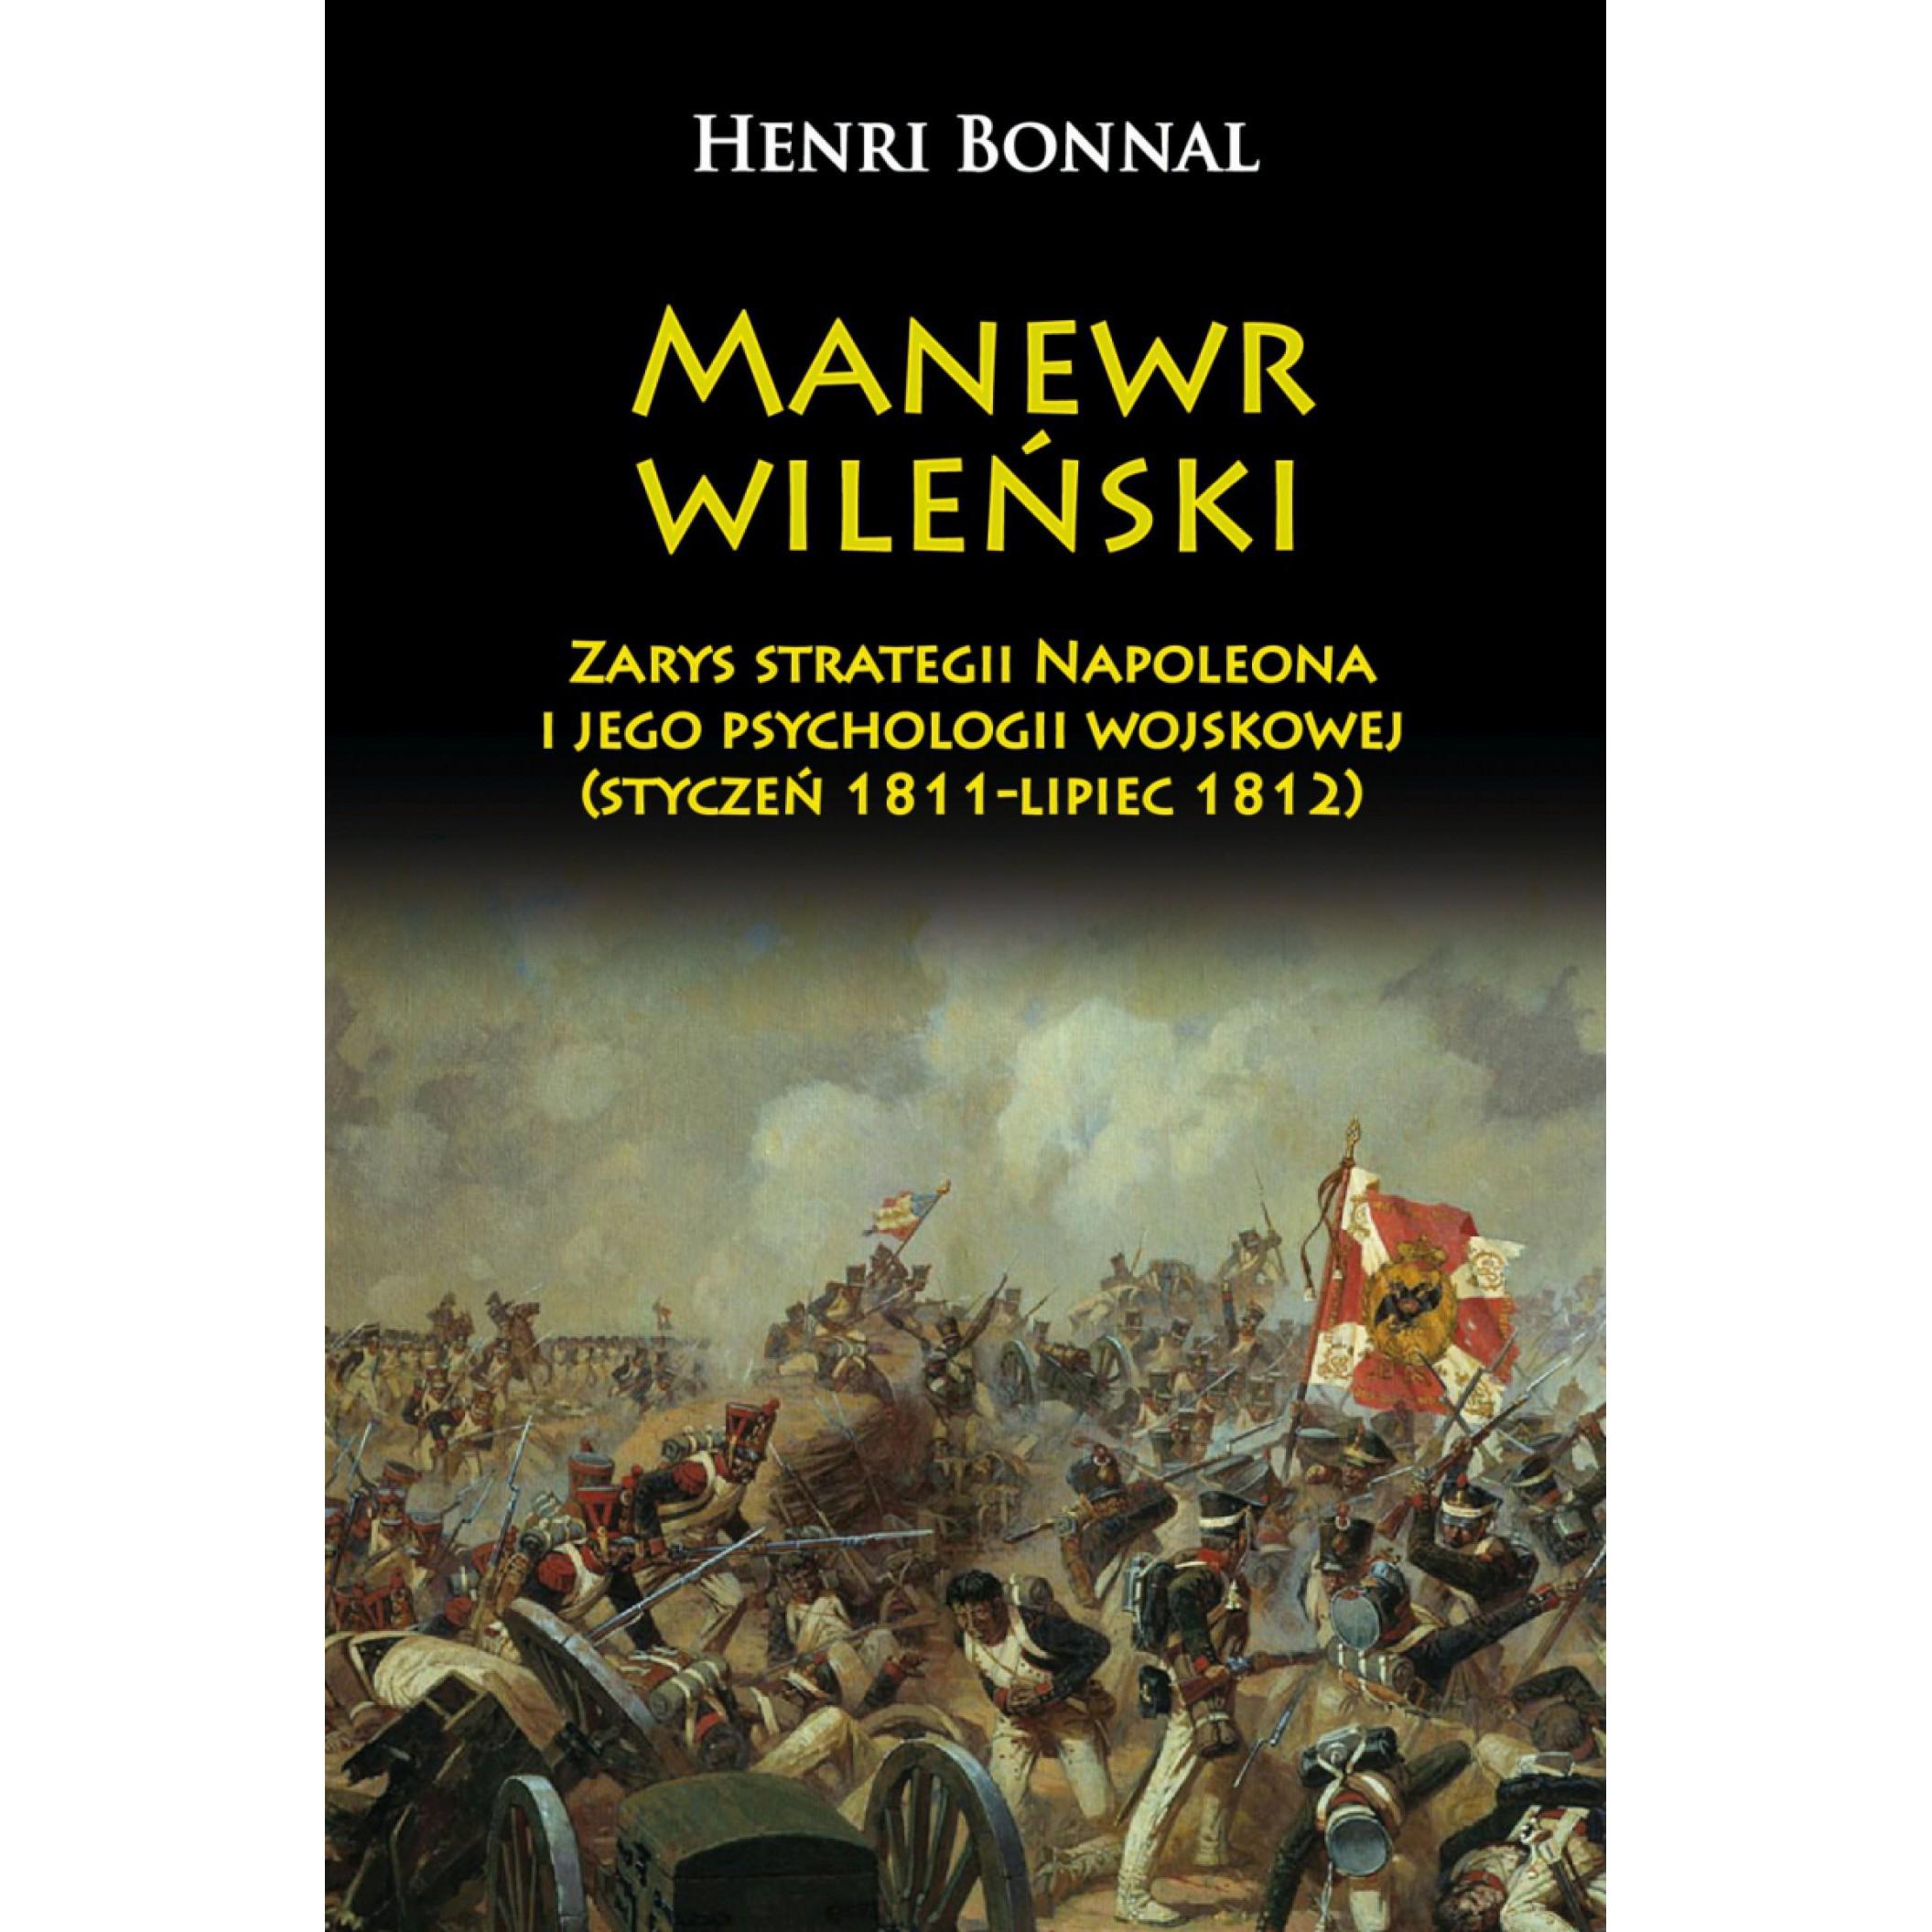 Manewr wileński. Zarys strategii Napoleona i jego psychologii wojskowej (styczeń 1811-lipiec 1812)